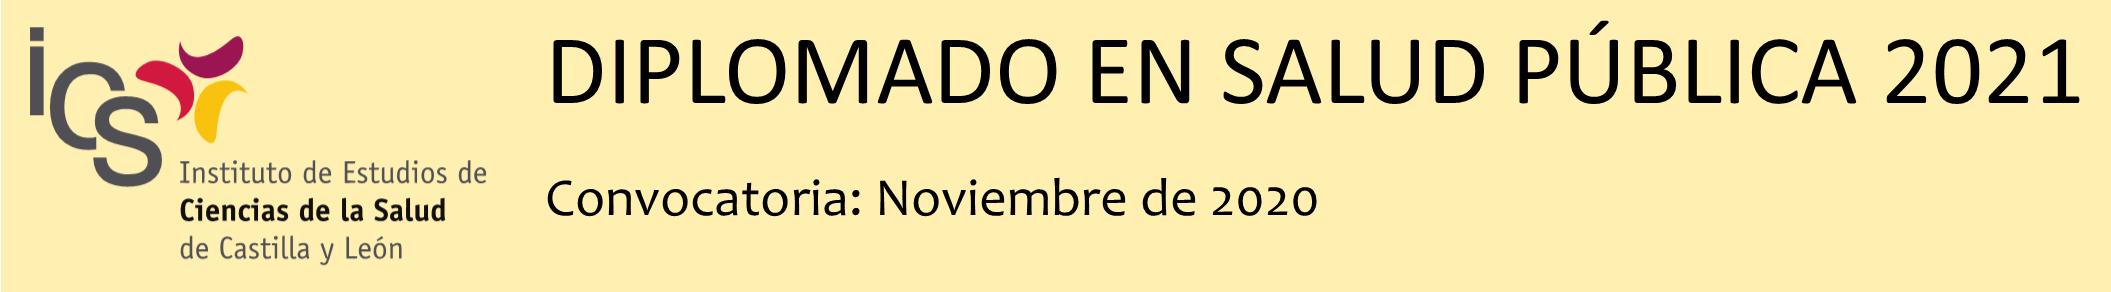 Diplomado en Salud Pública 2021: Convocatoria noviembre de 2020